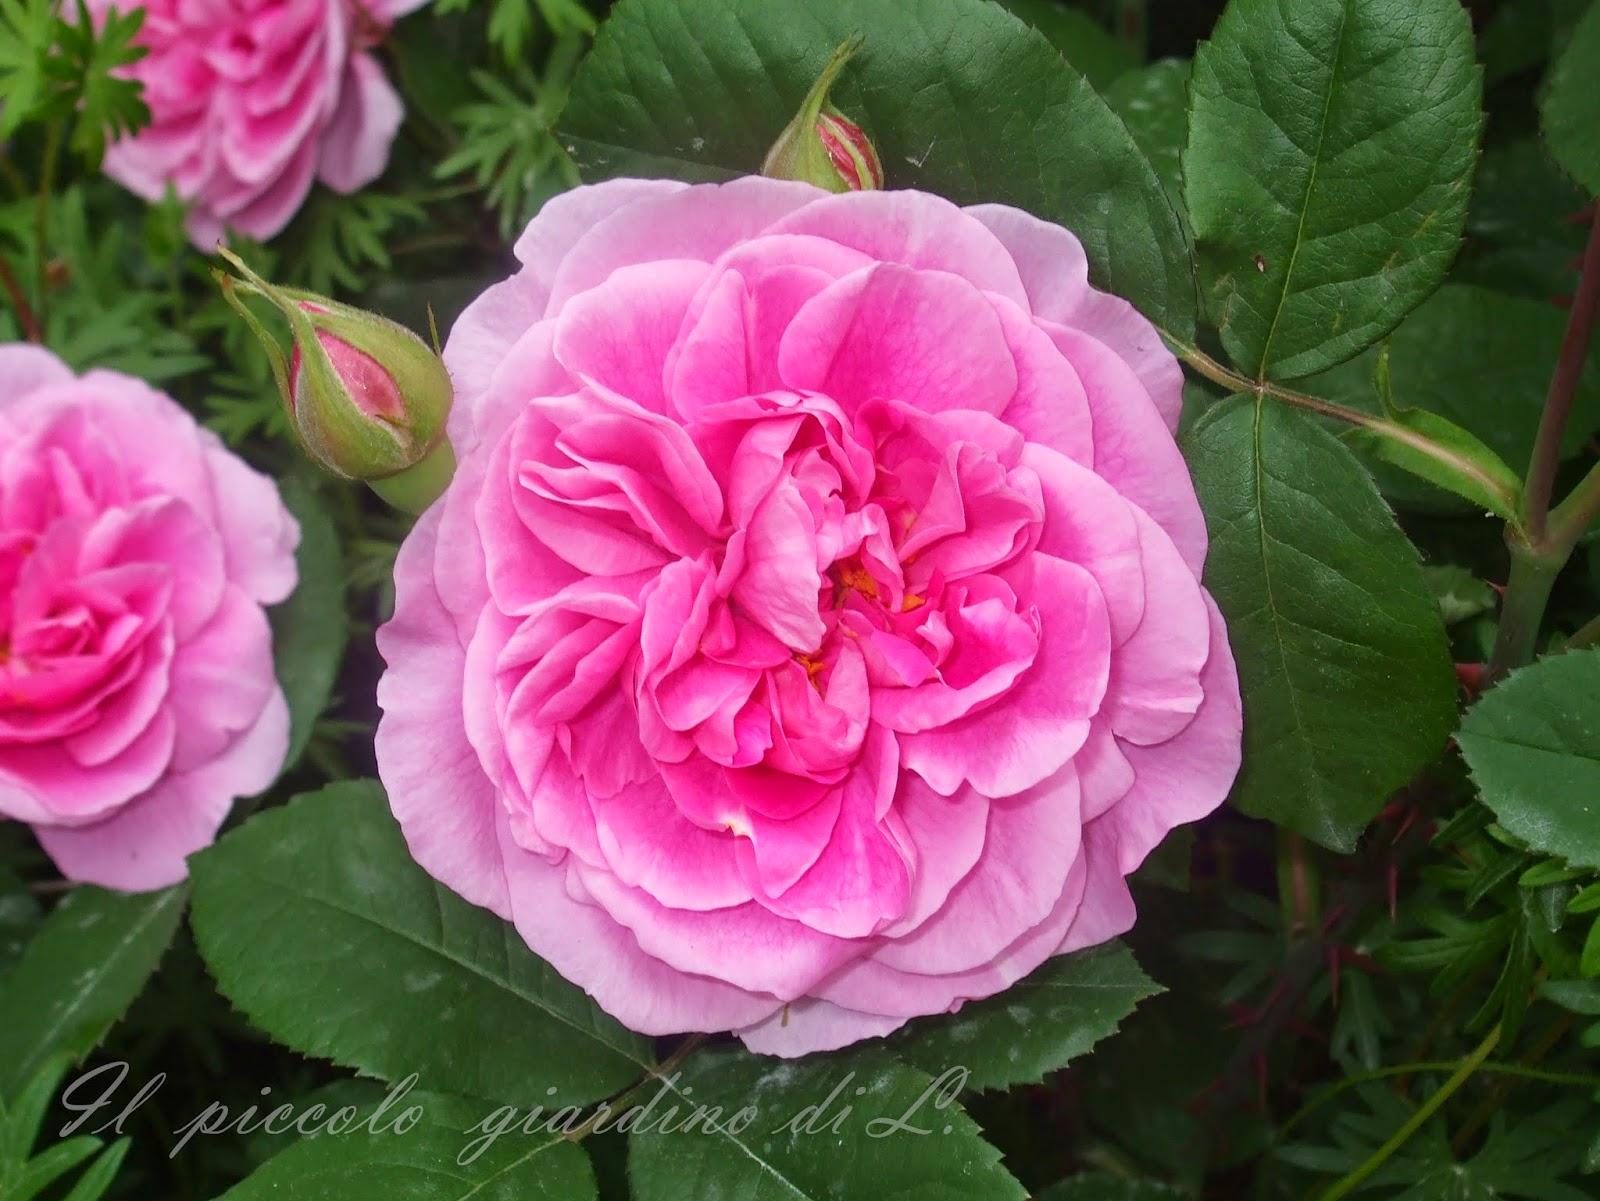 il piccolo giardino di l una rosa inglese molto. Black Bedroom Furniture Sets. Home Design Ideas